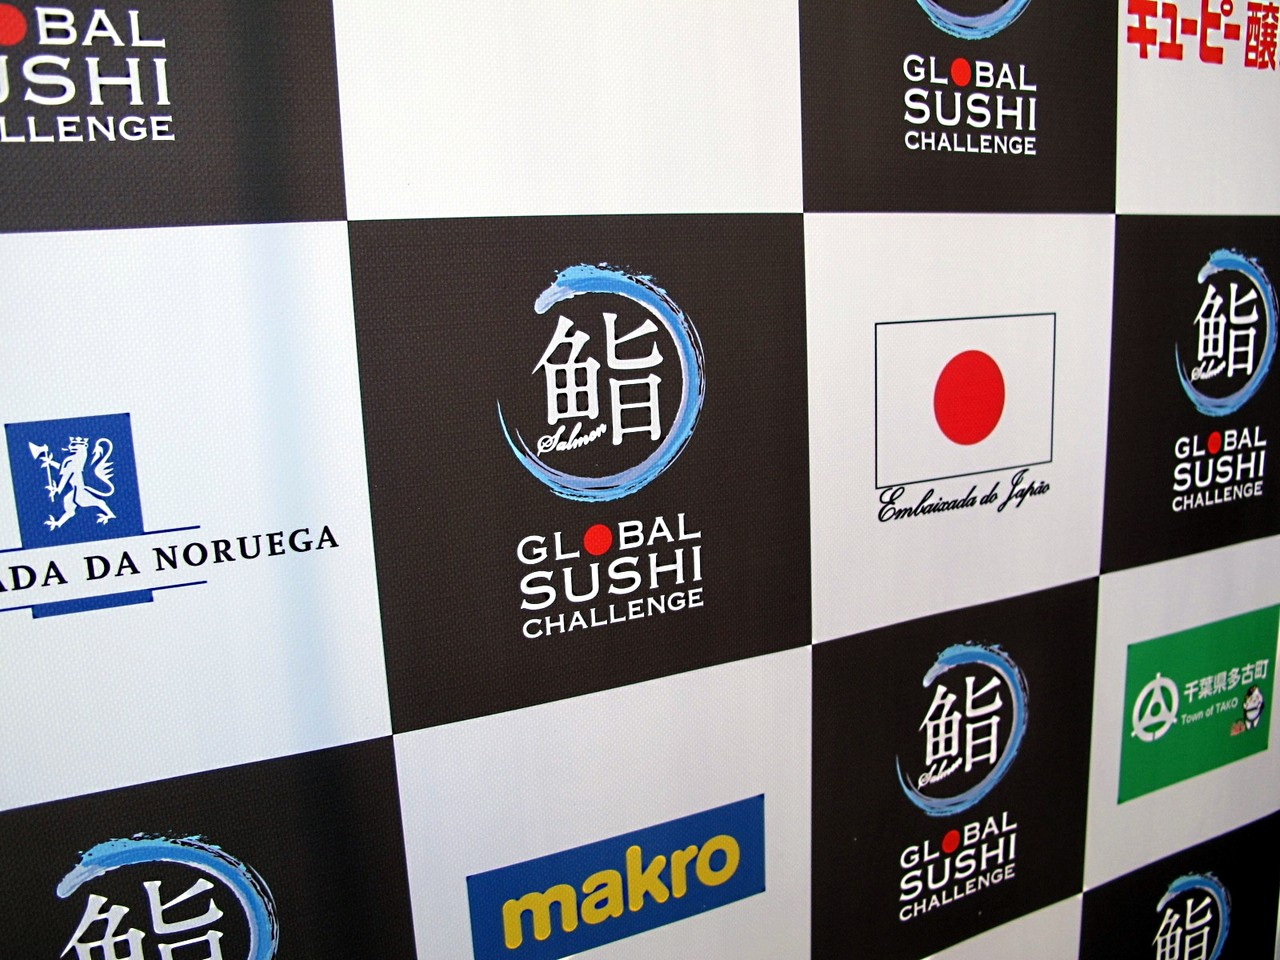 Global Sushi Challenge